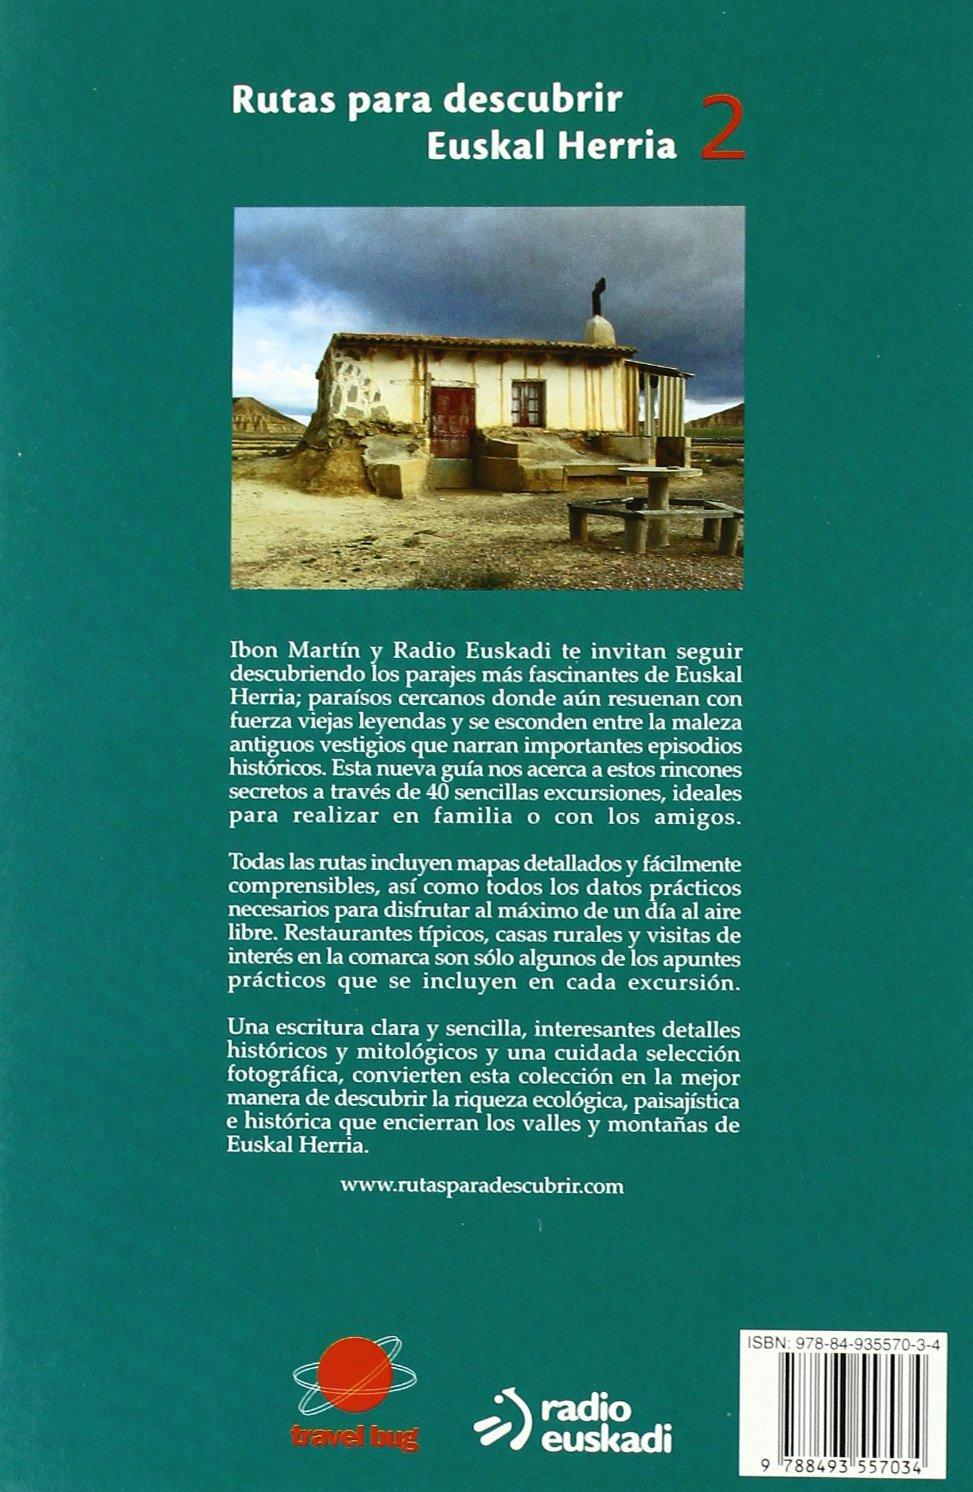 Rutas para descubrir e.h. 2 (edic. actual.): Amazon.es ...